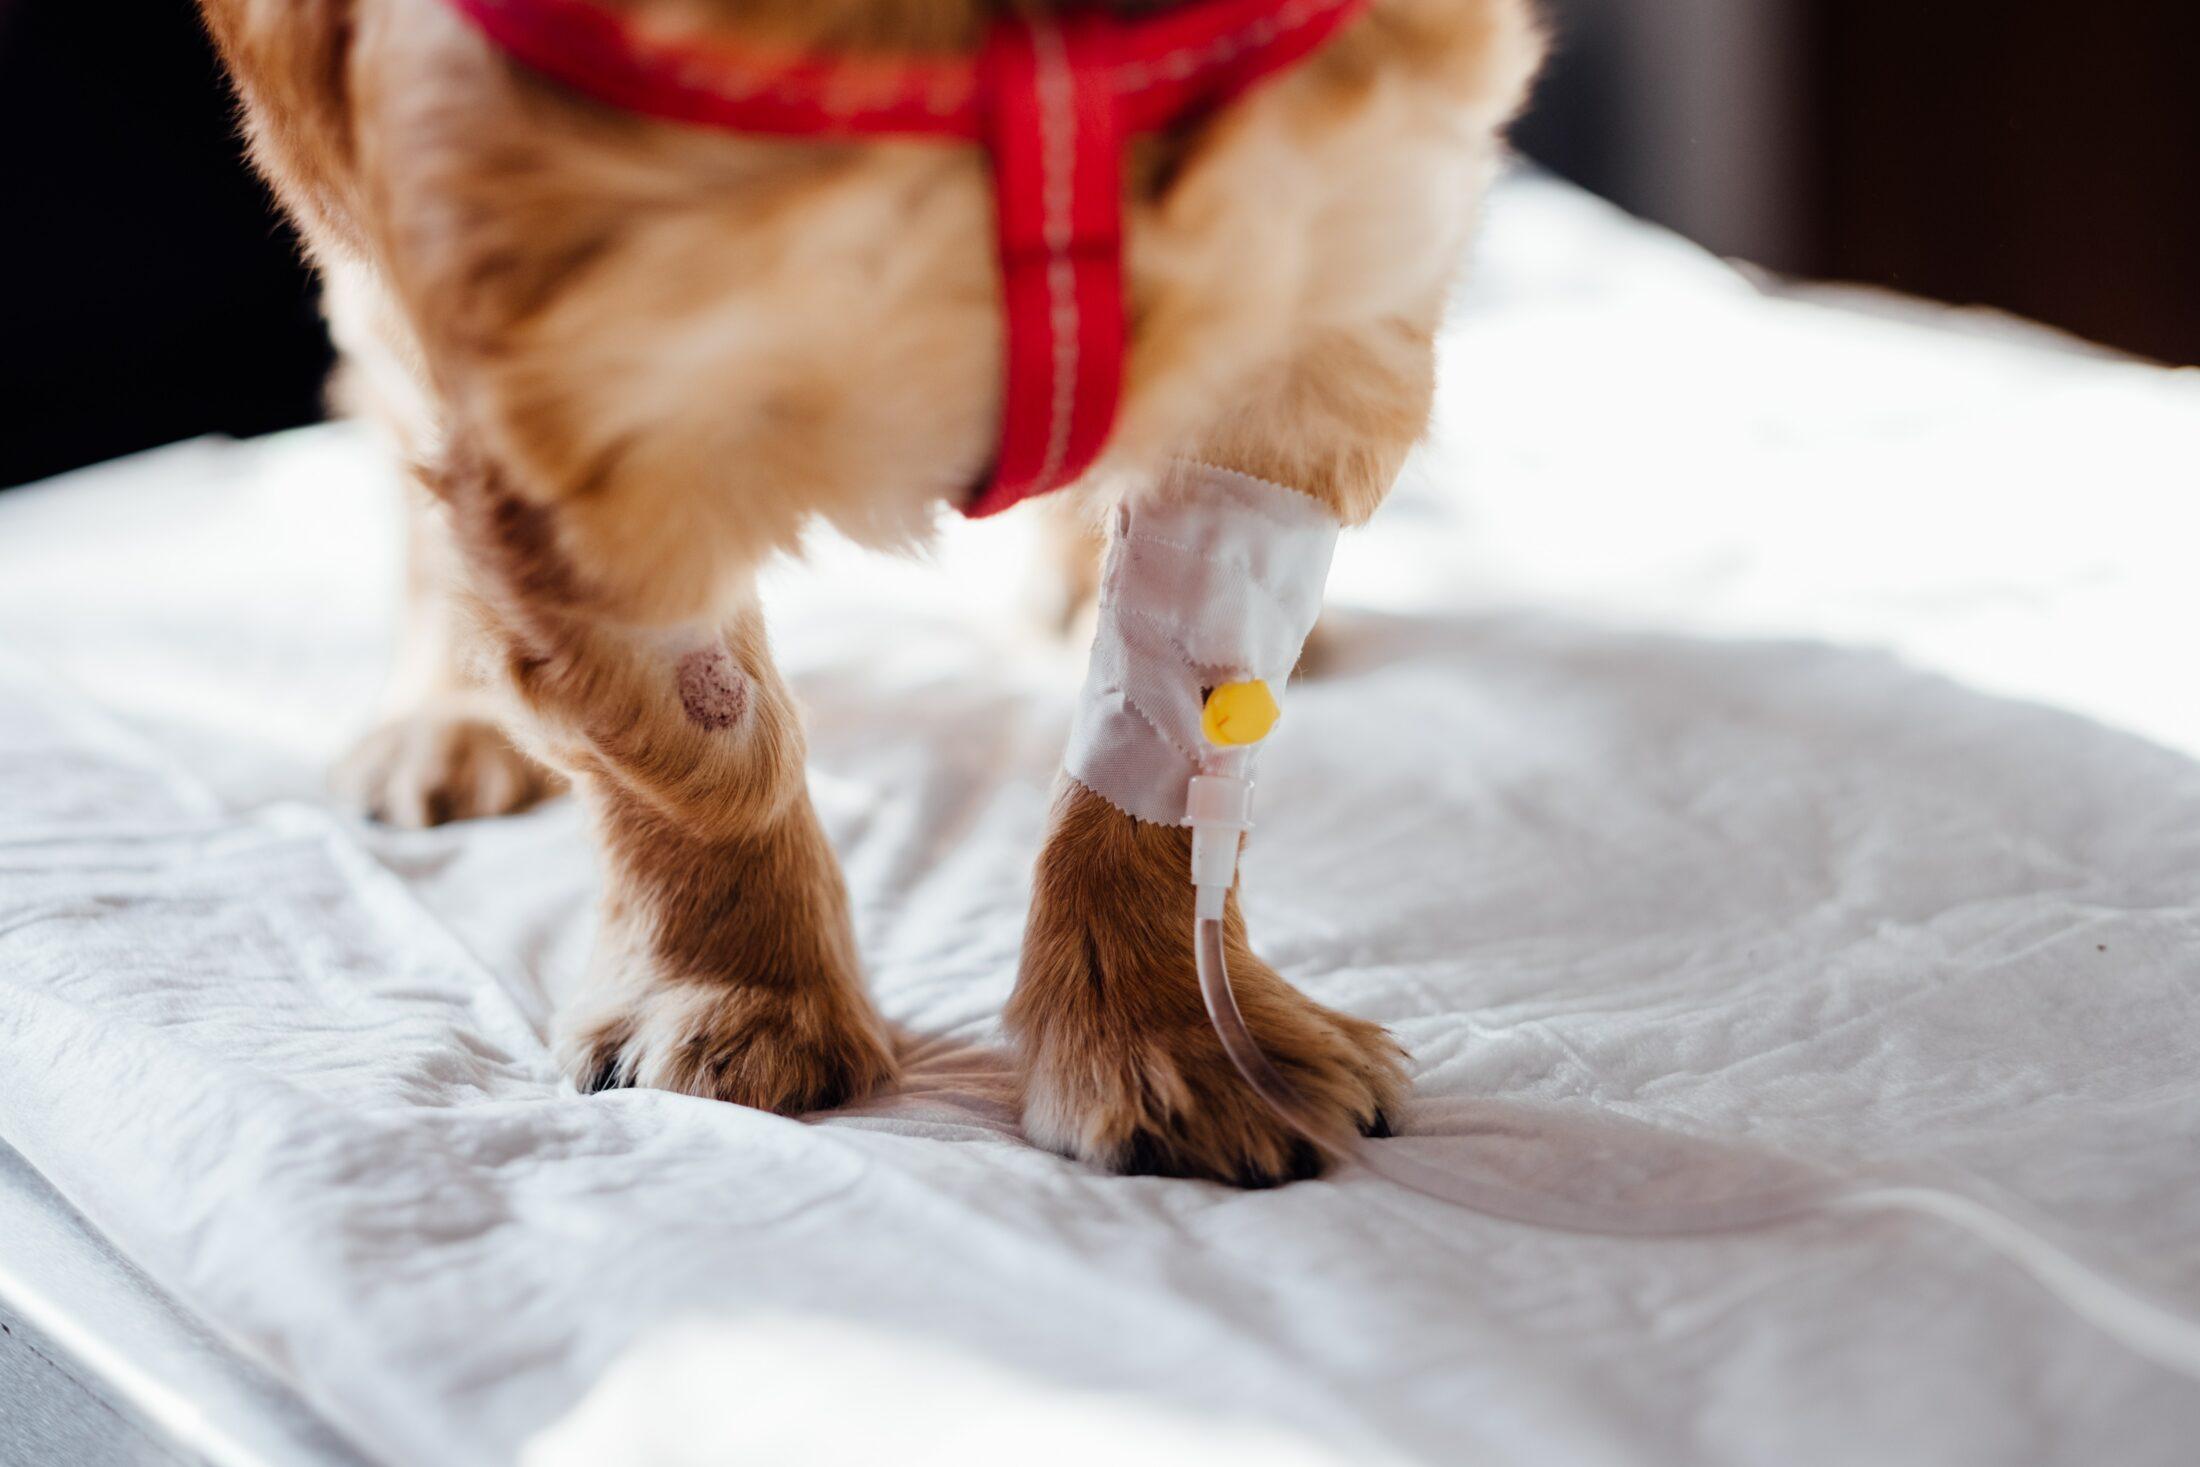 cachroro com curativo na pata após cirurgia cobert apor seguro pet barato